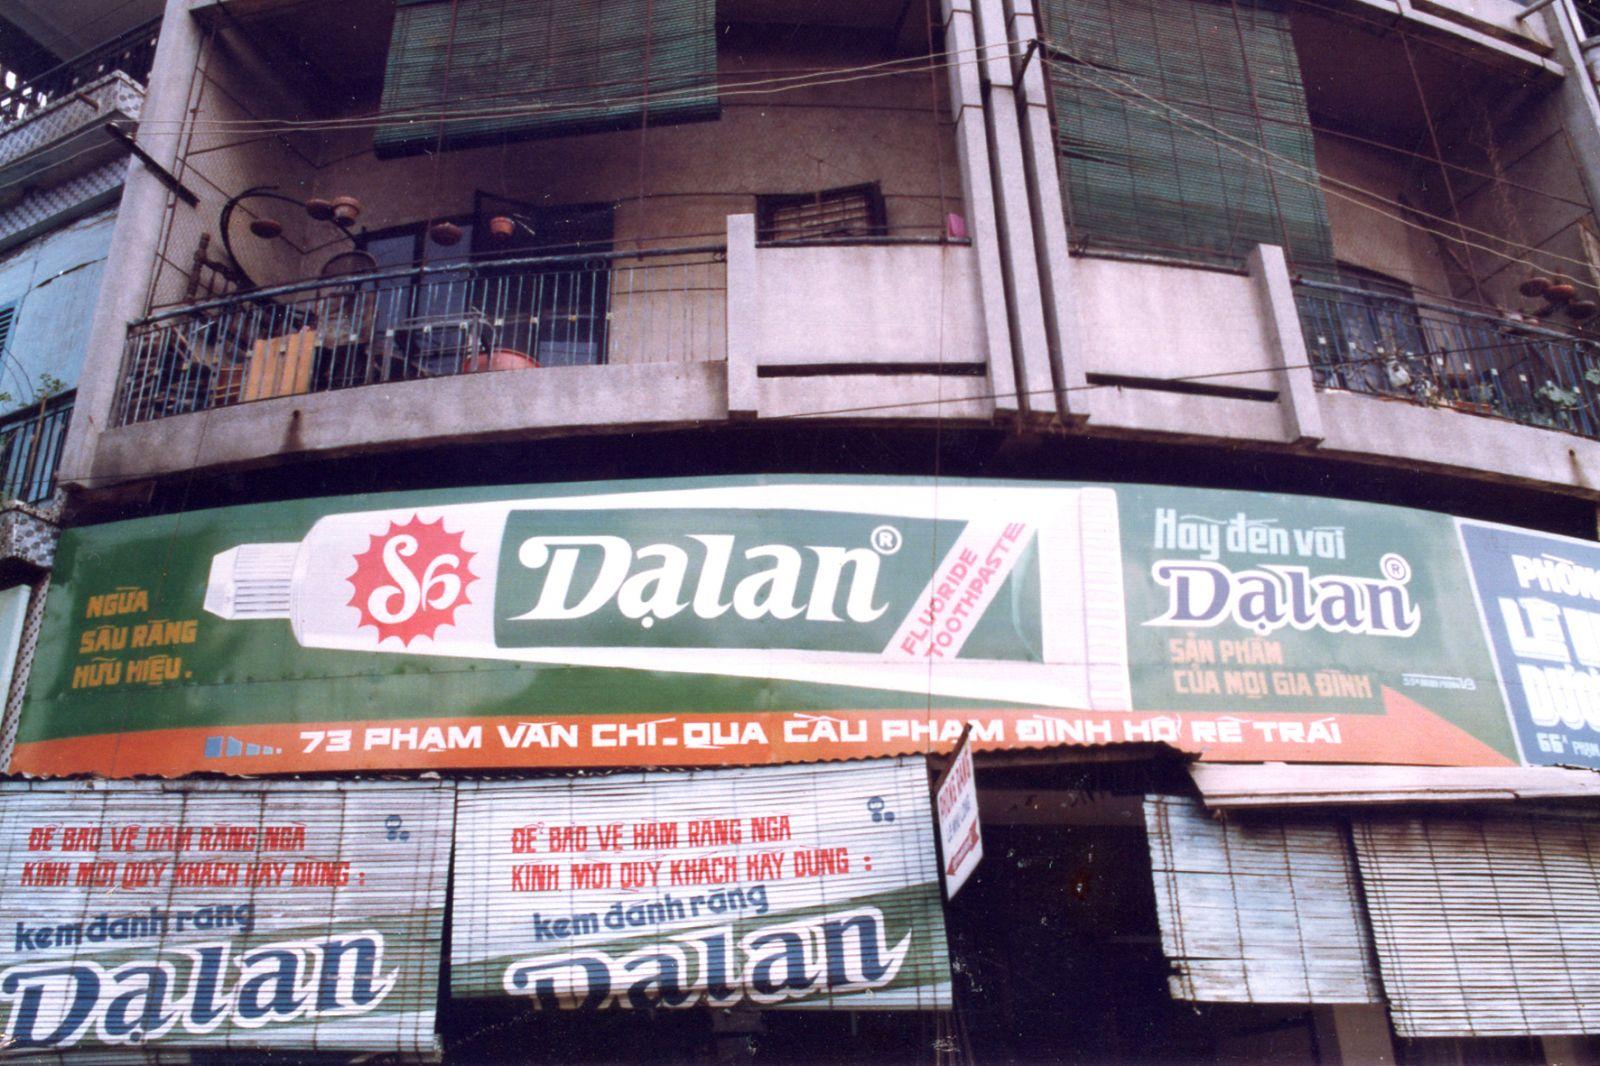 Đầu năm 1994, Dạ Lan chiếm khoảng 70% thị phần.